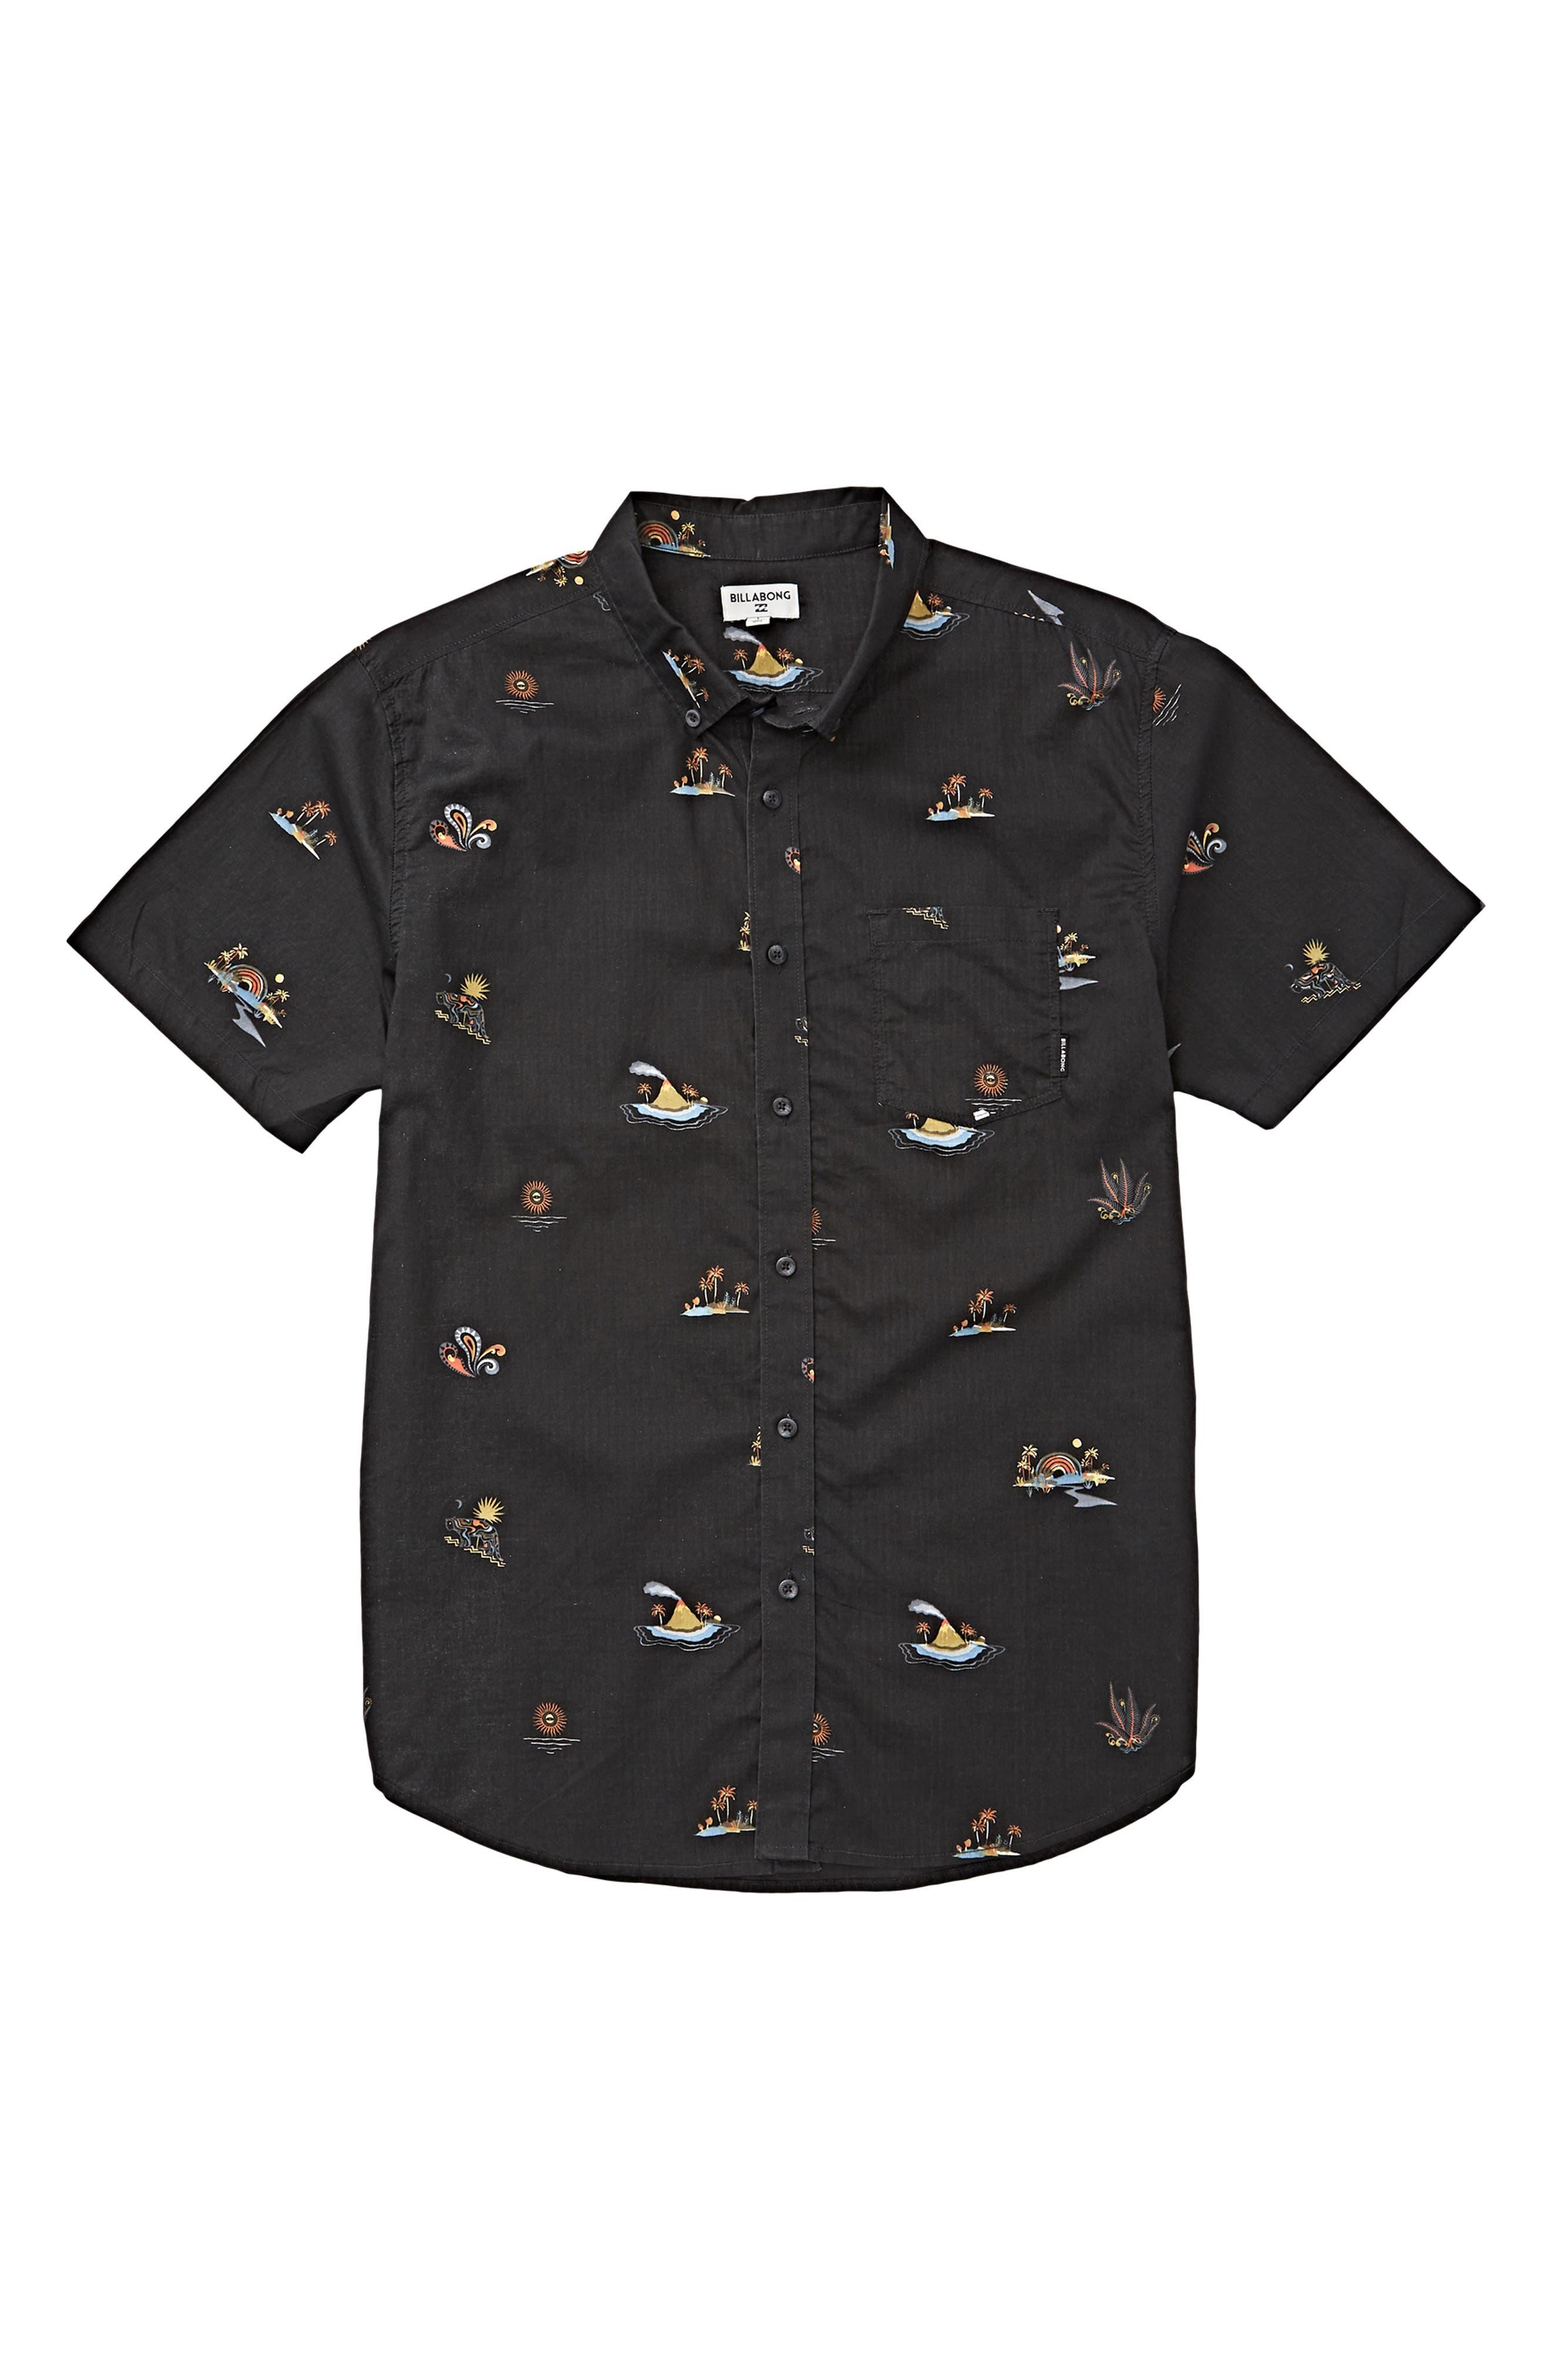 Boys Billabong Sundays Woven ButtonUp Shirt Size S (8)  Blue